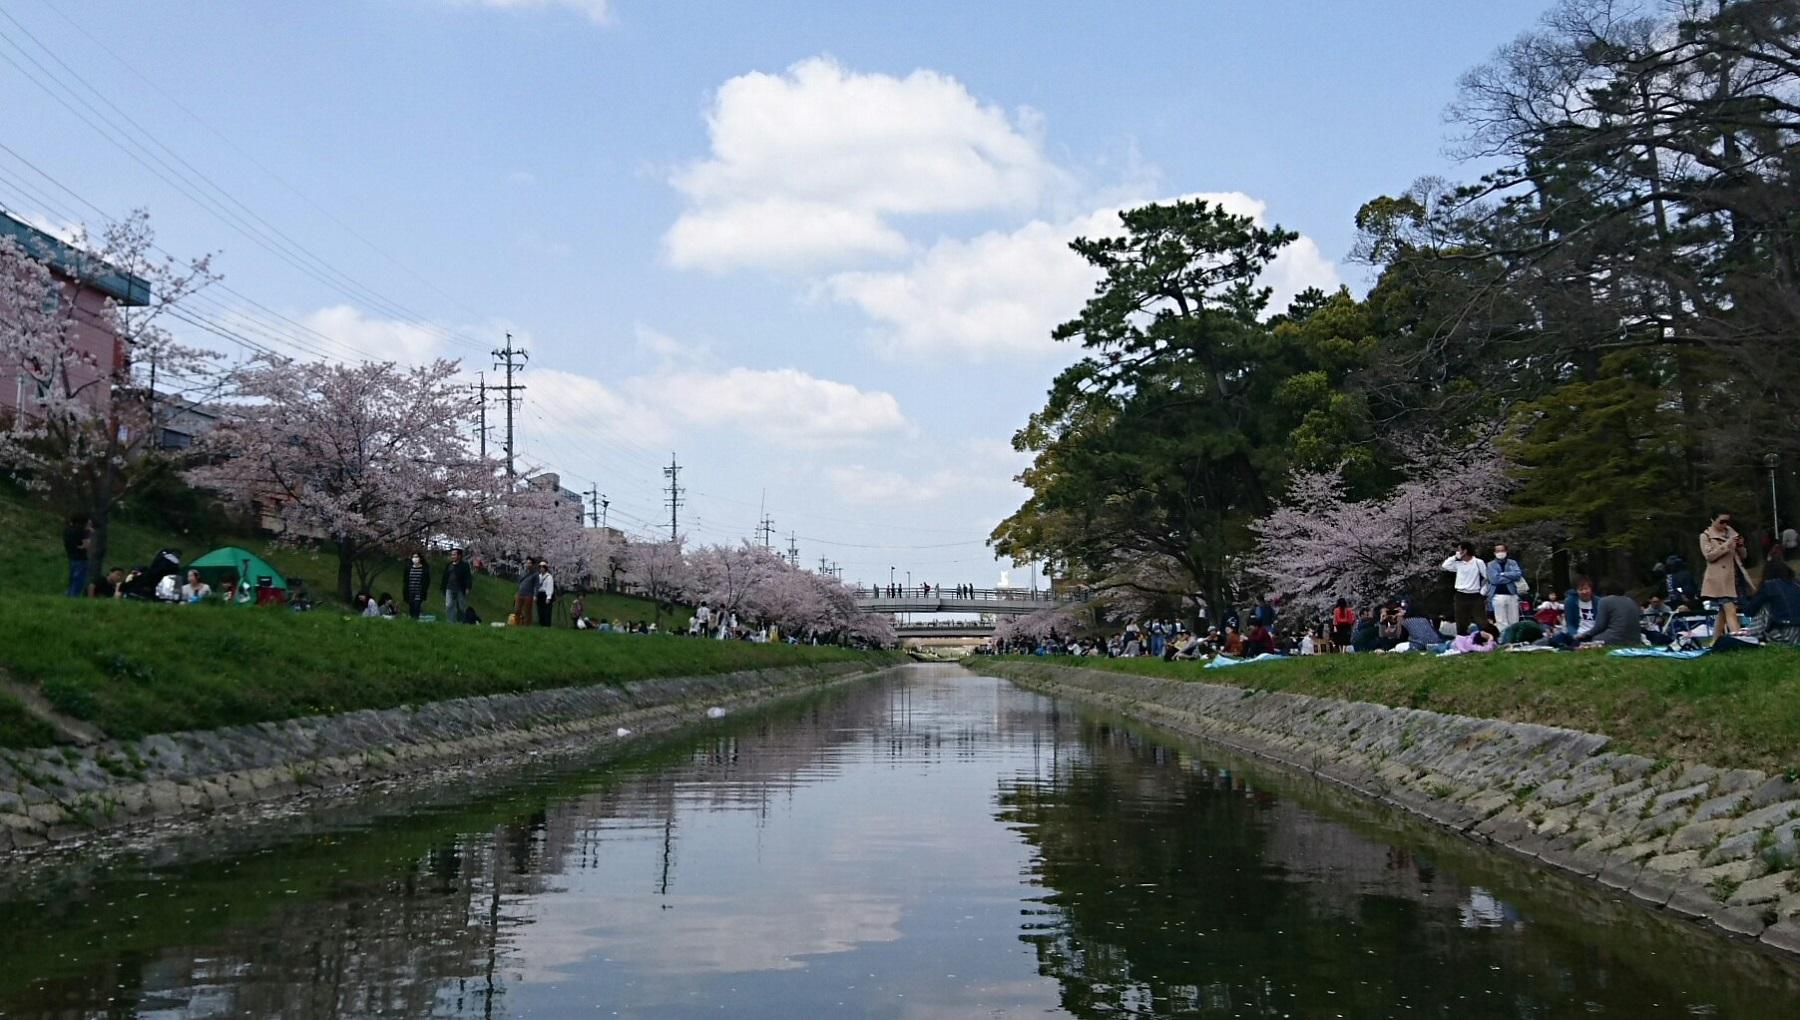 2018.3.31 岡崎ふなあそび (40) 伊賀川のぼり 1800-1020